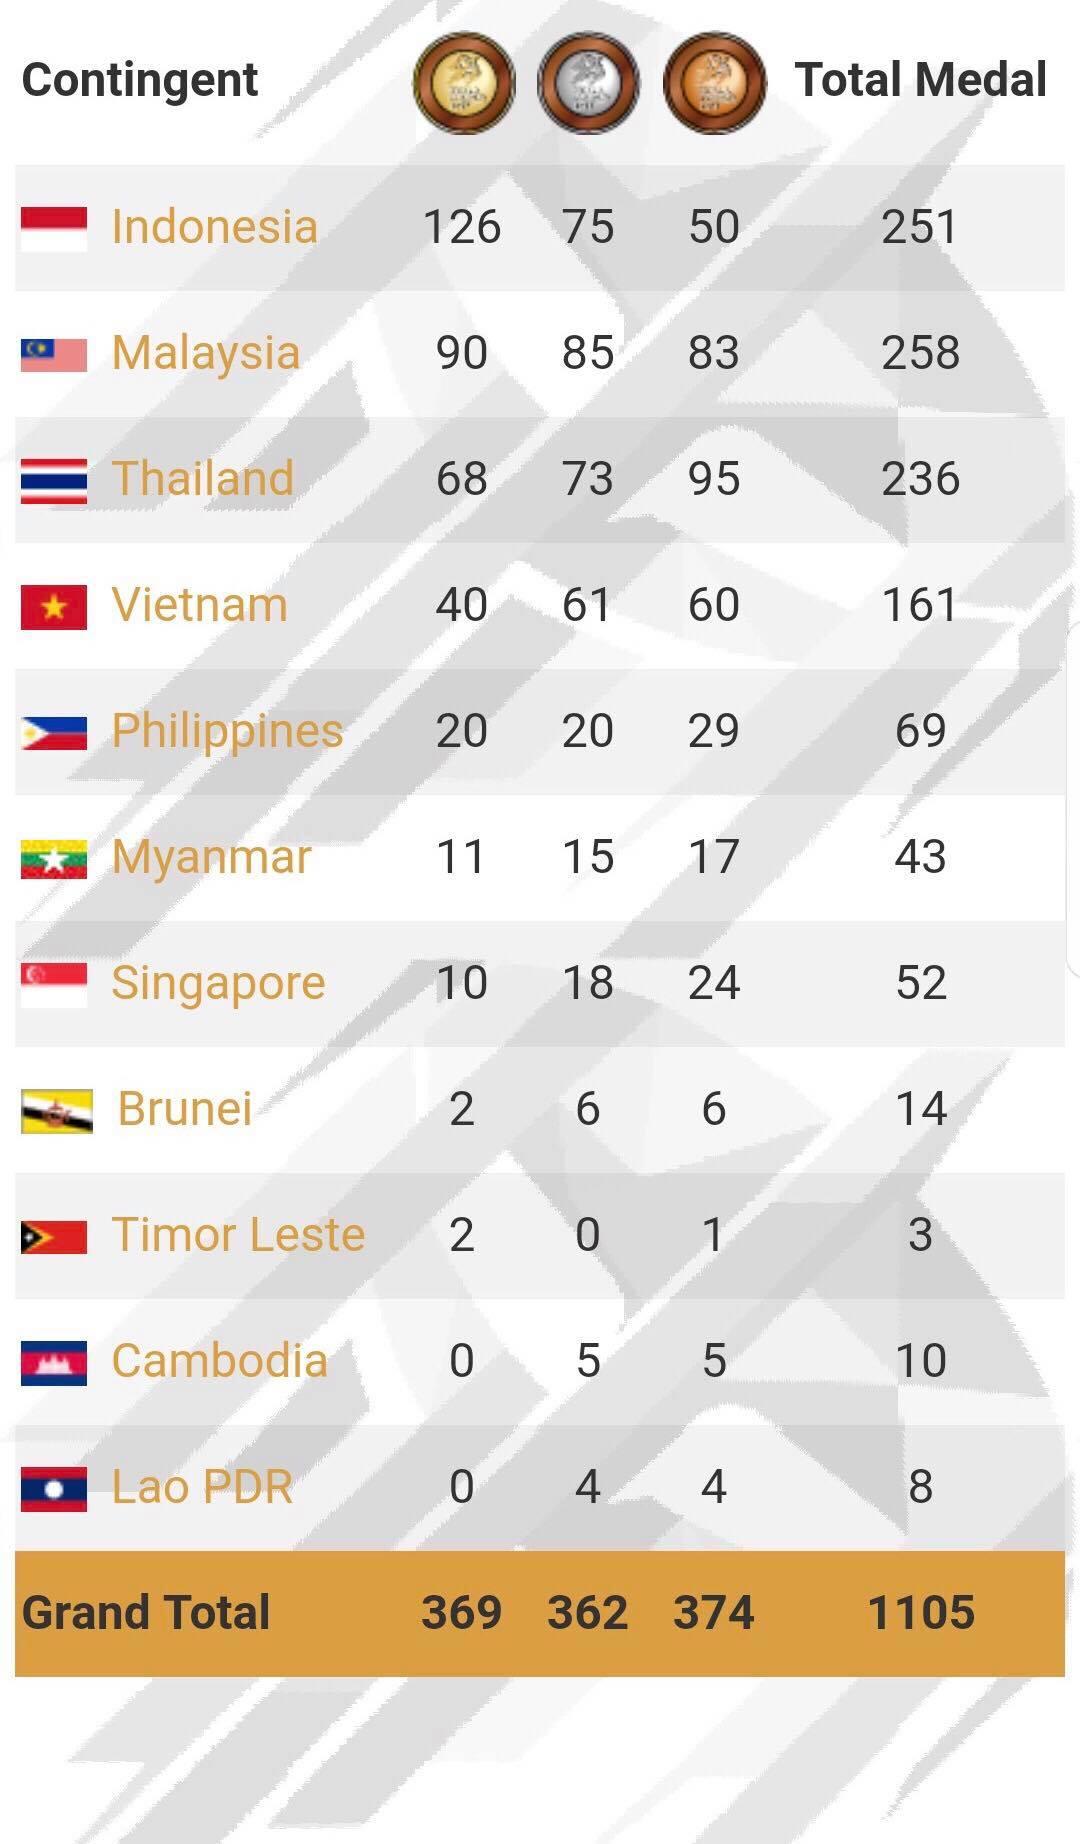 Hình ảnh: Đoàn TTNKT Việt Nam kết thúc ASEAN Para Games 9 đầy thành công số 2